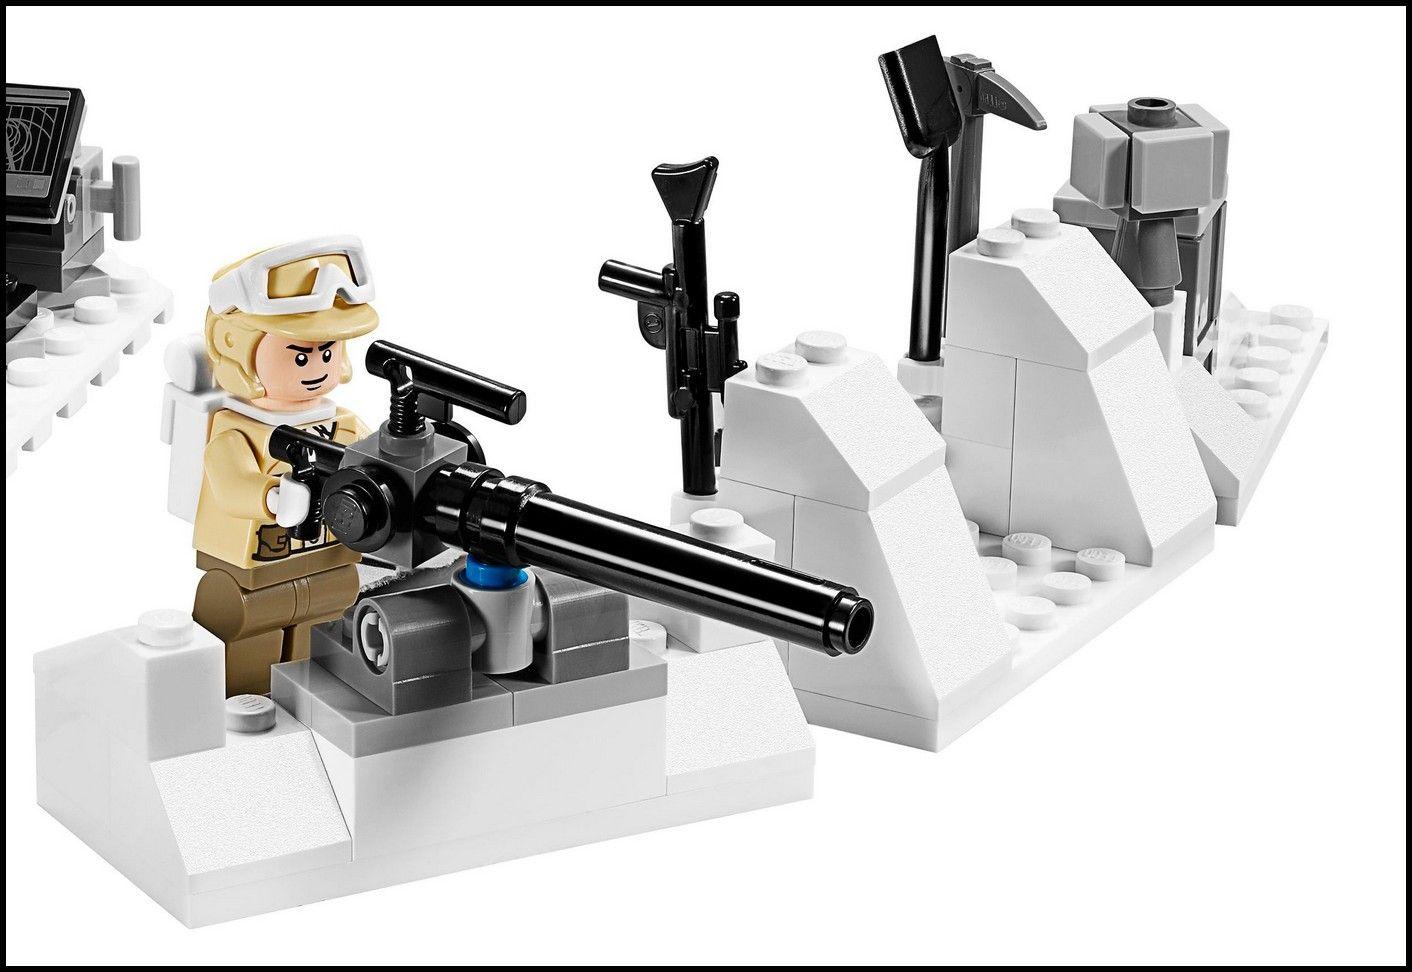 lego 75014 star wars battle of hoth i brick city. Black Bedroom Furniture Sets. Home Design Ideas